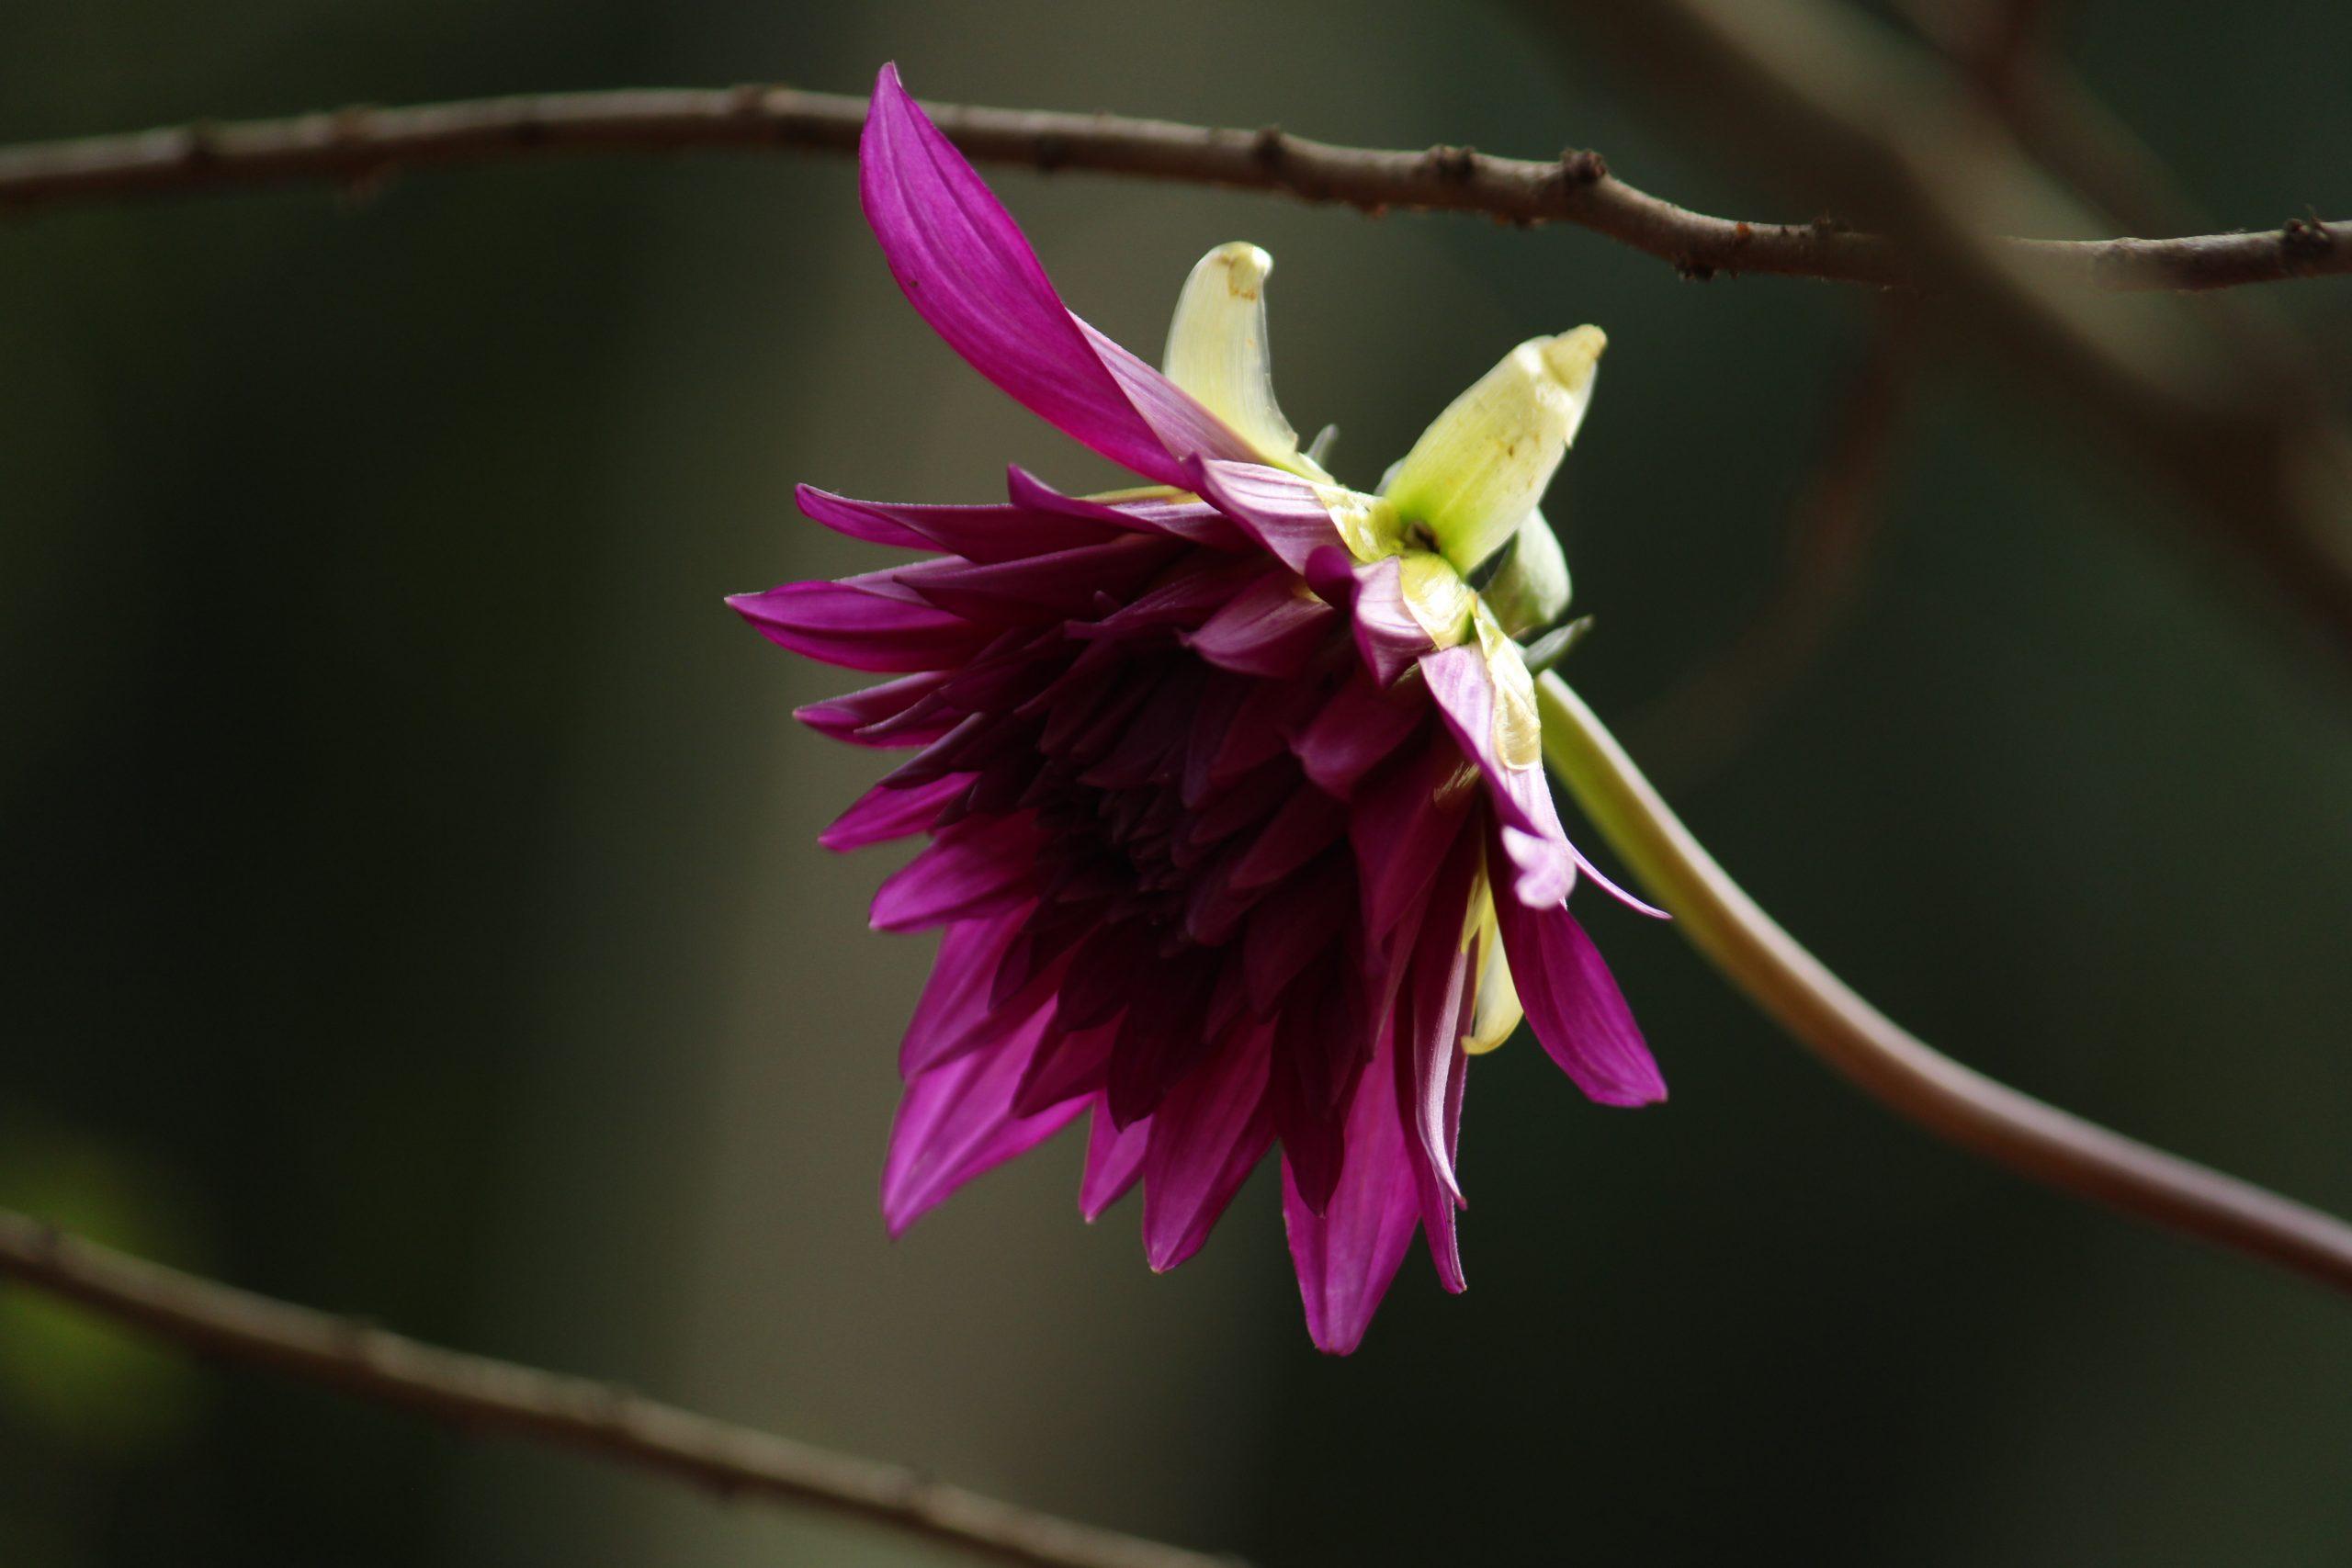 Beautiful purple flower